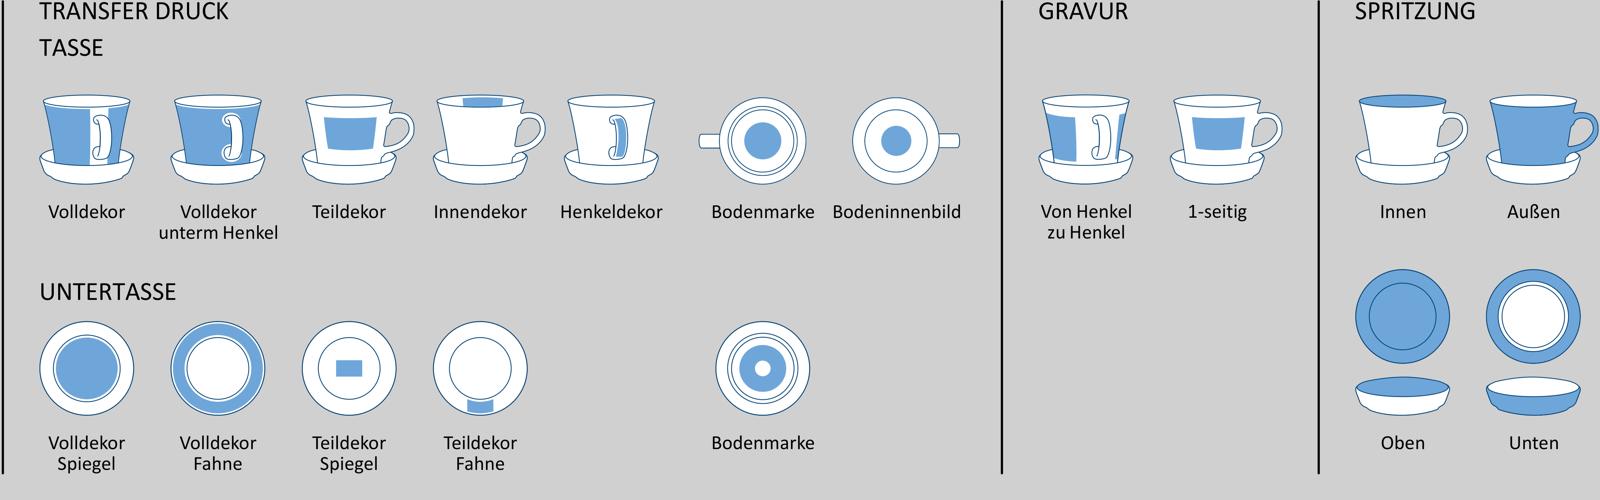 Individualisierung BERN_Espresso Kaffee d